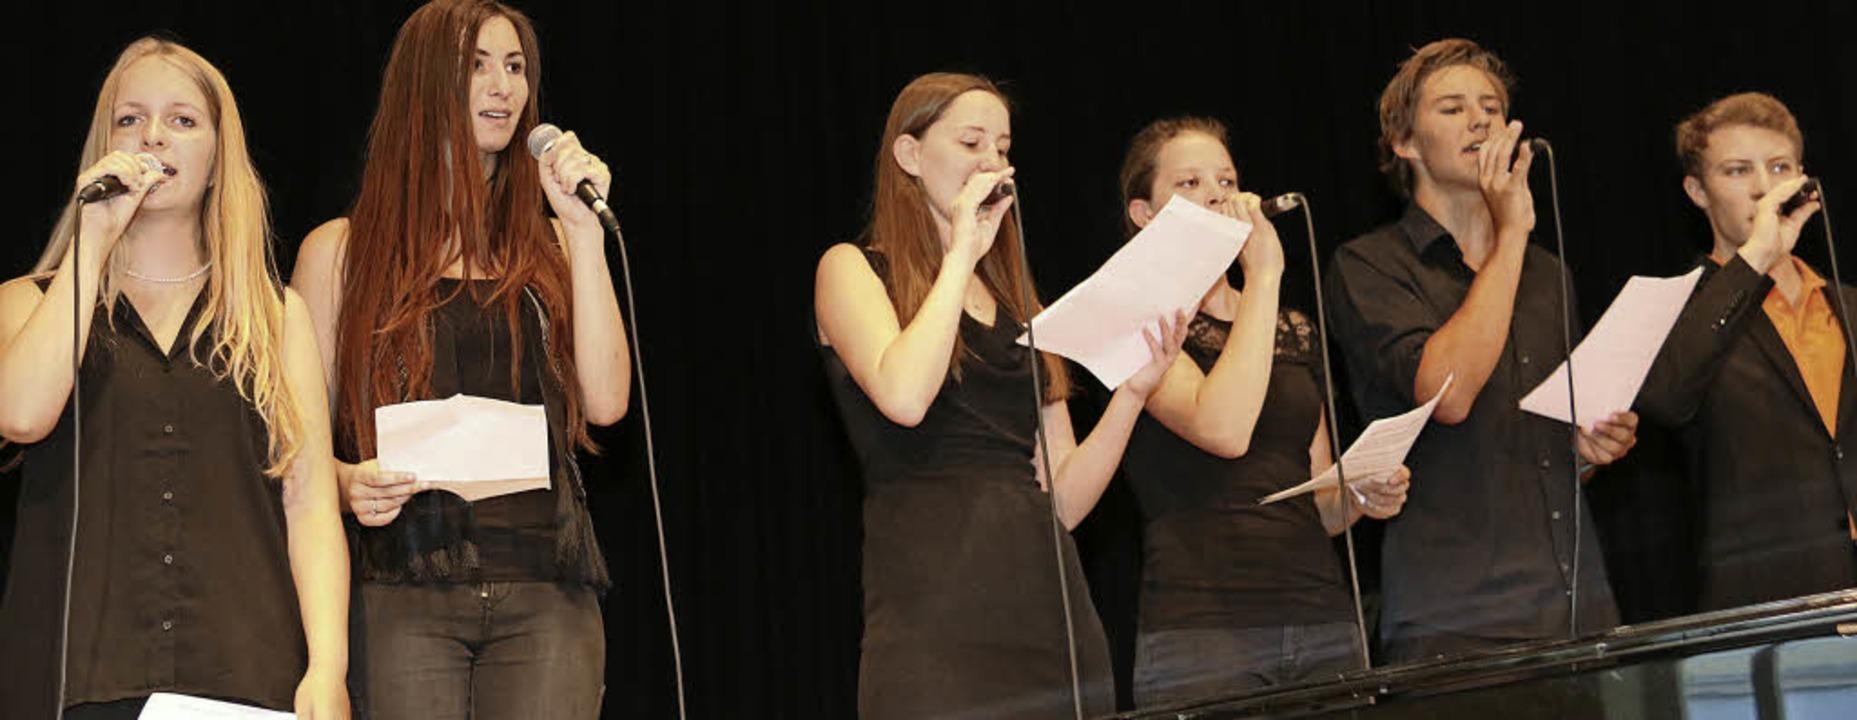 Der Auswahlchor begeisterte das Publikum; ganz links Laura Oßwald.  | Foto: Dagmar Barber